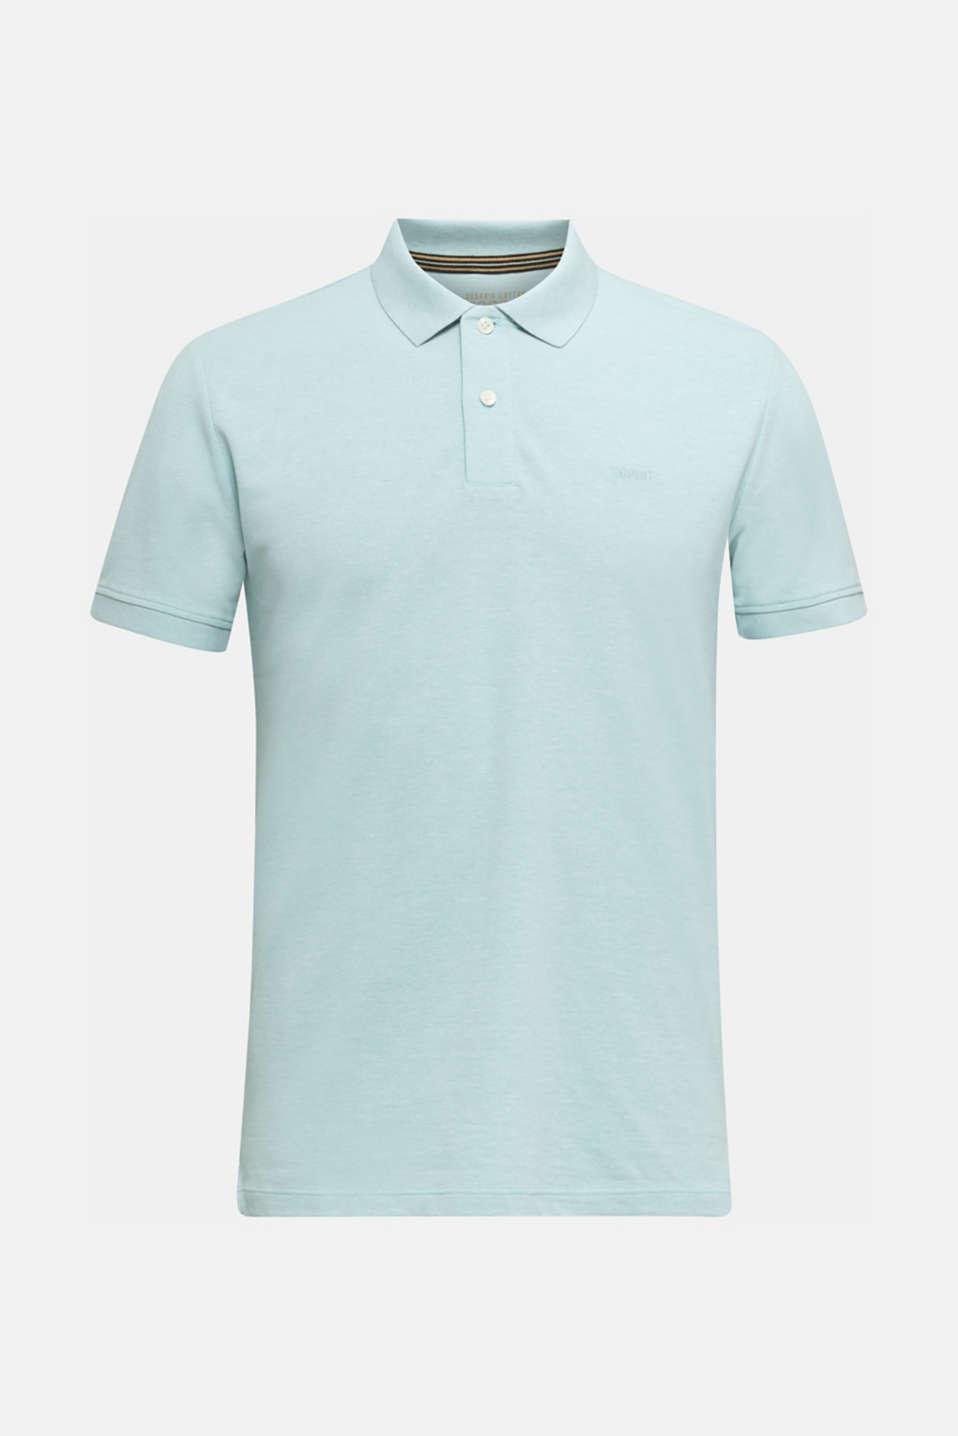 Melange piqué polo shirt, LIGHT BLUE 5, detail image number 5